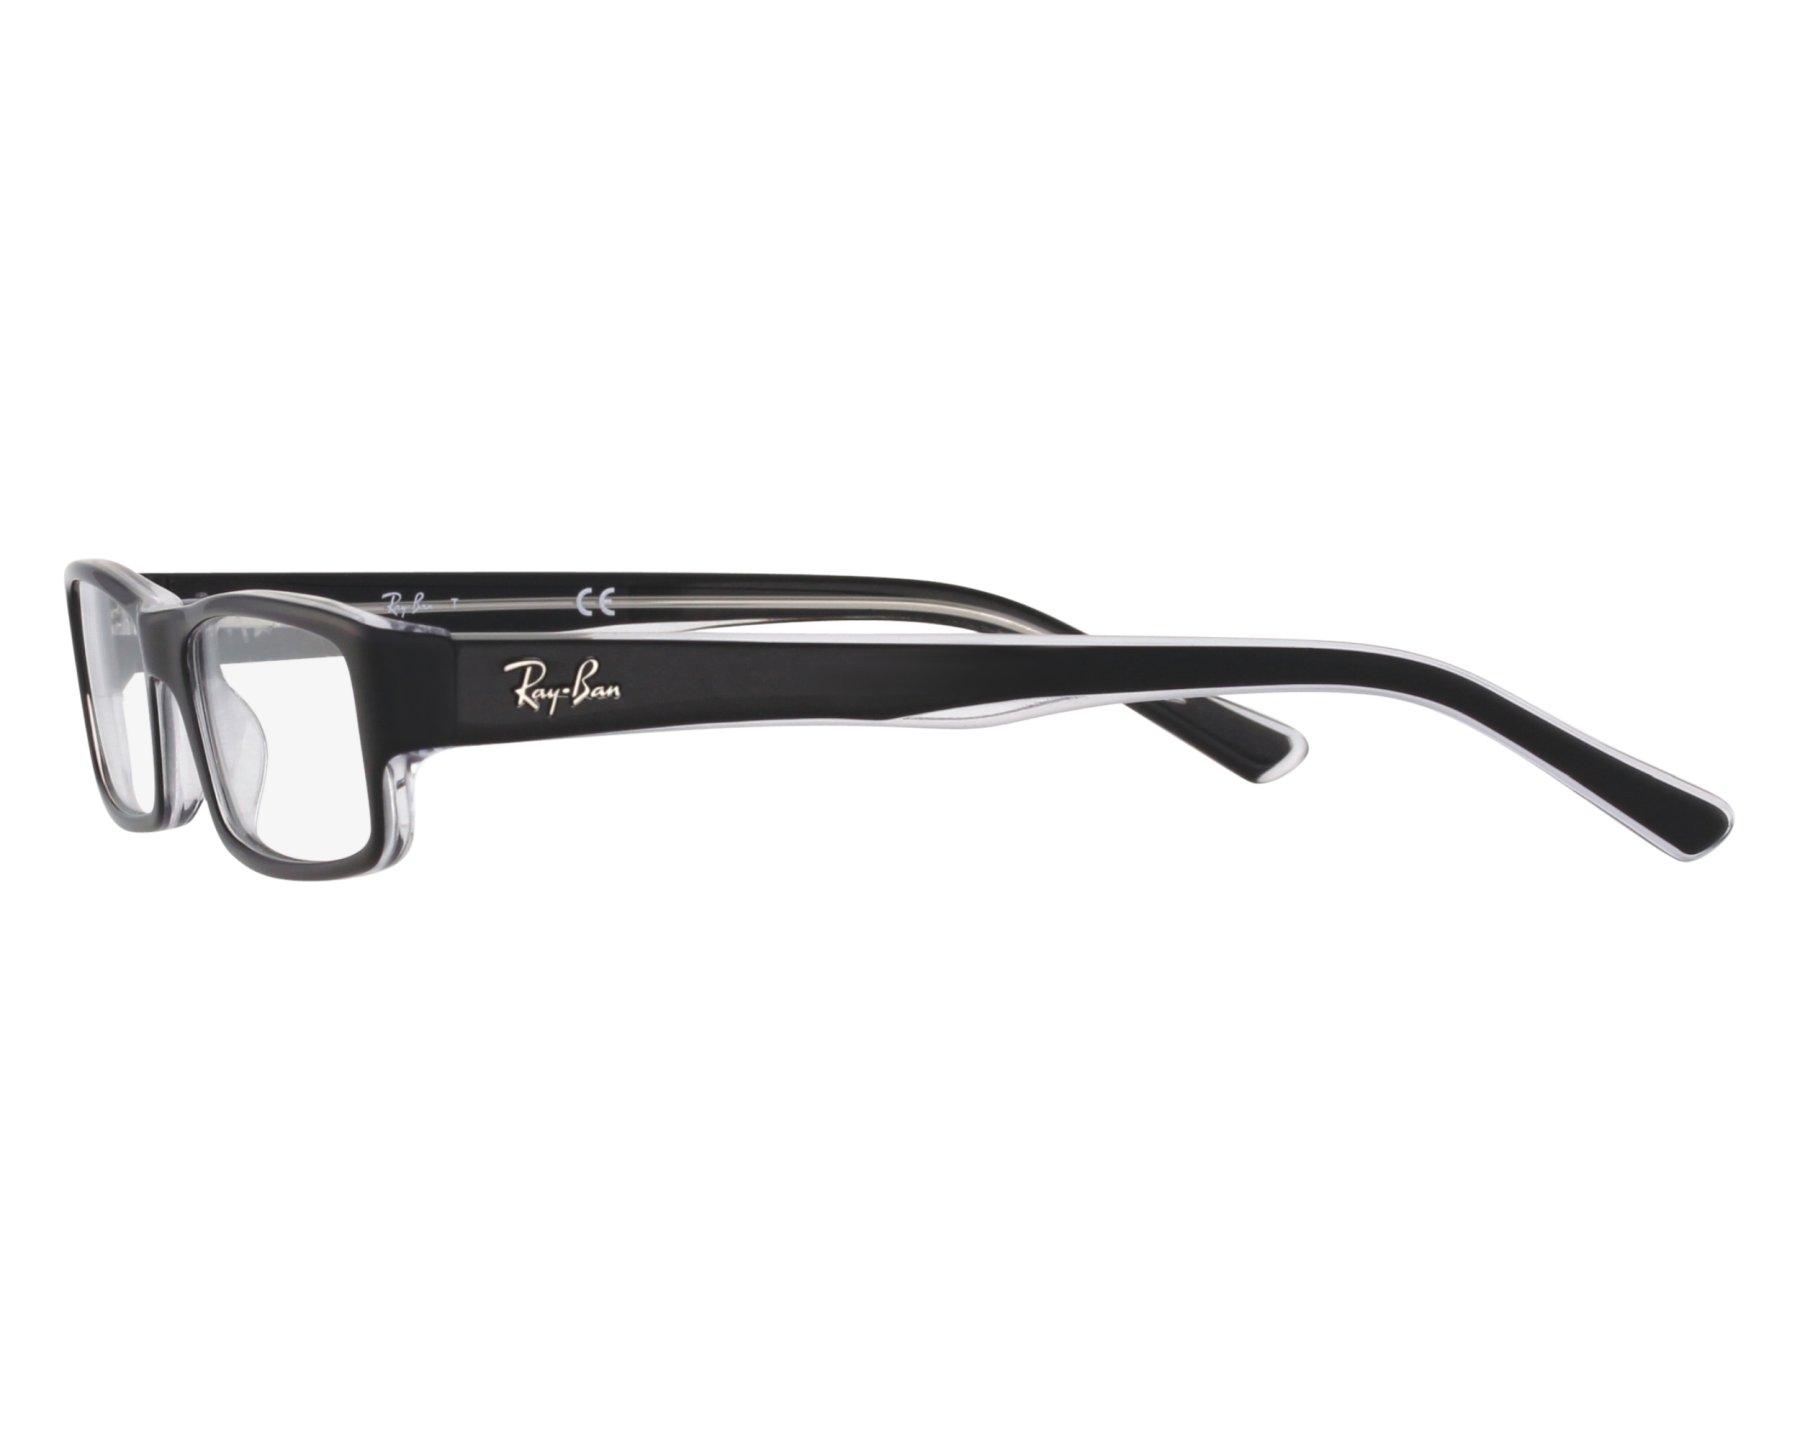 a24d597d21 Brillen Ray-Ban RX-5246 2034 50-16 schwarz kristall Vorderansicht